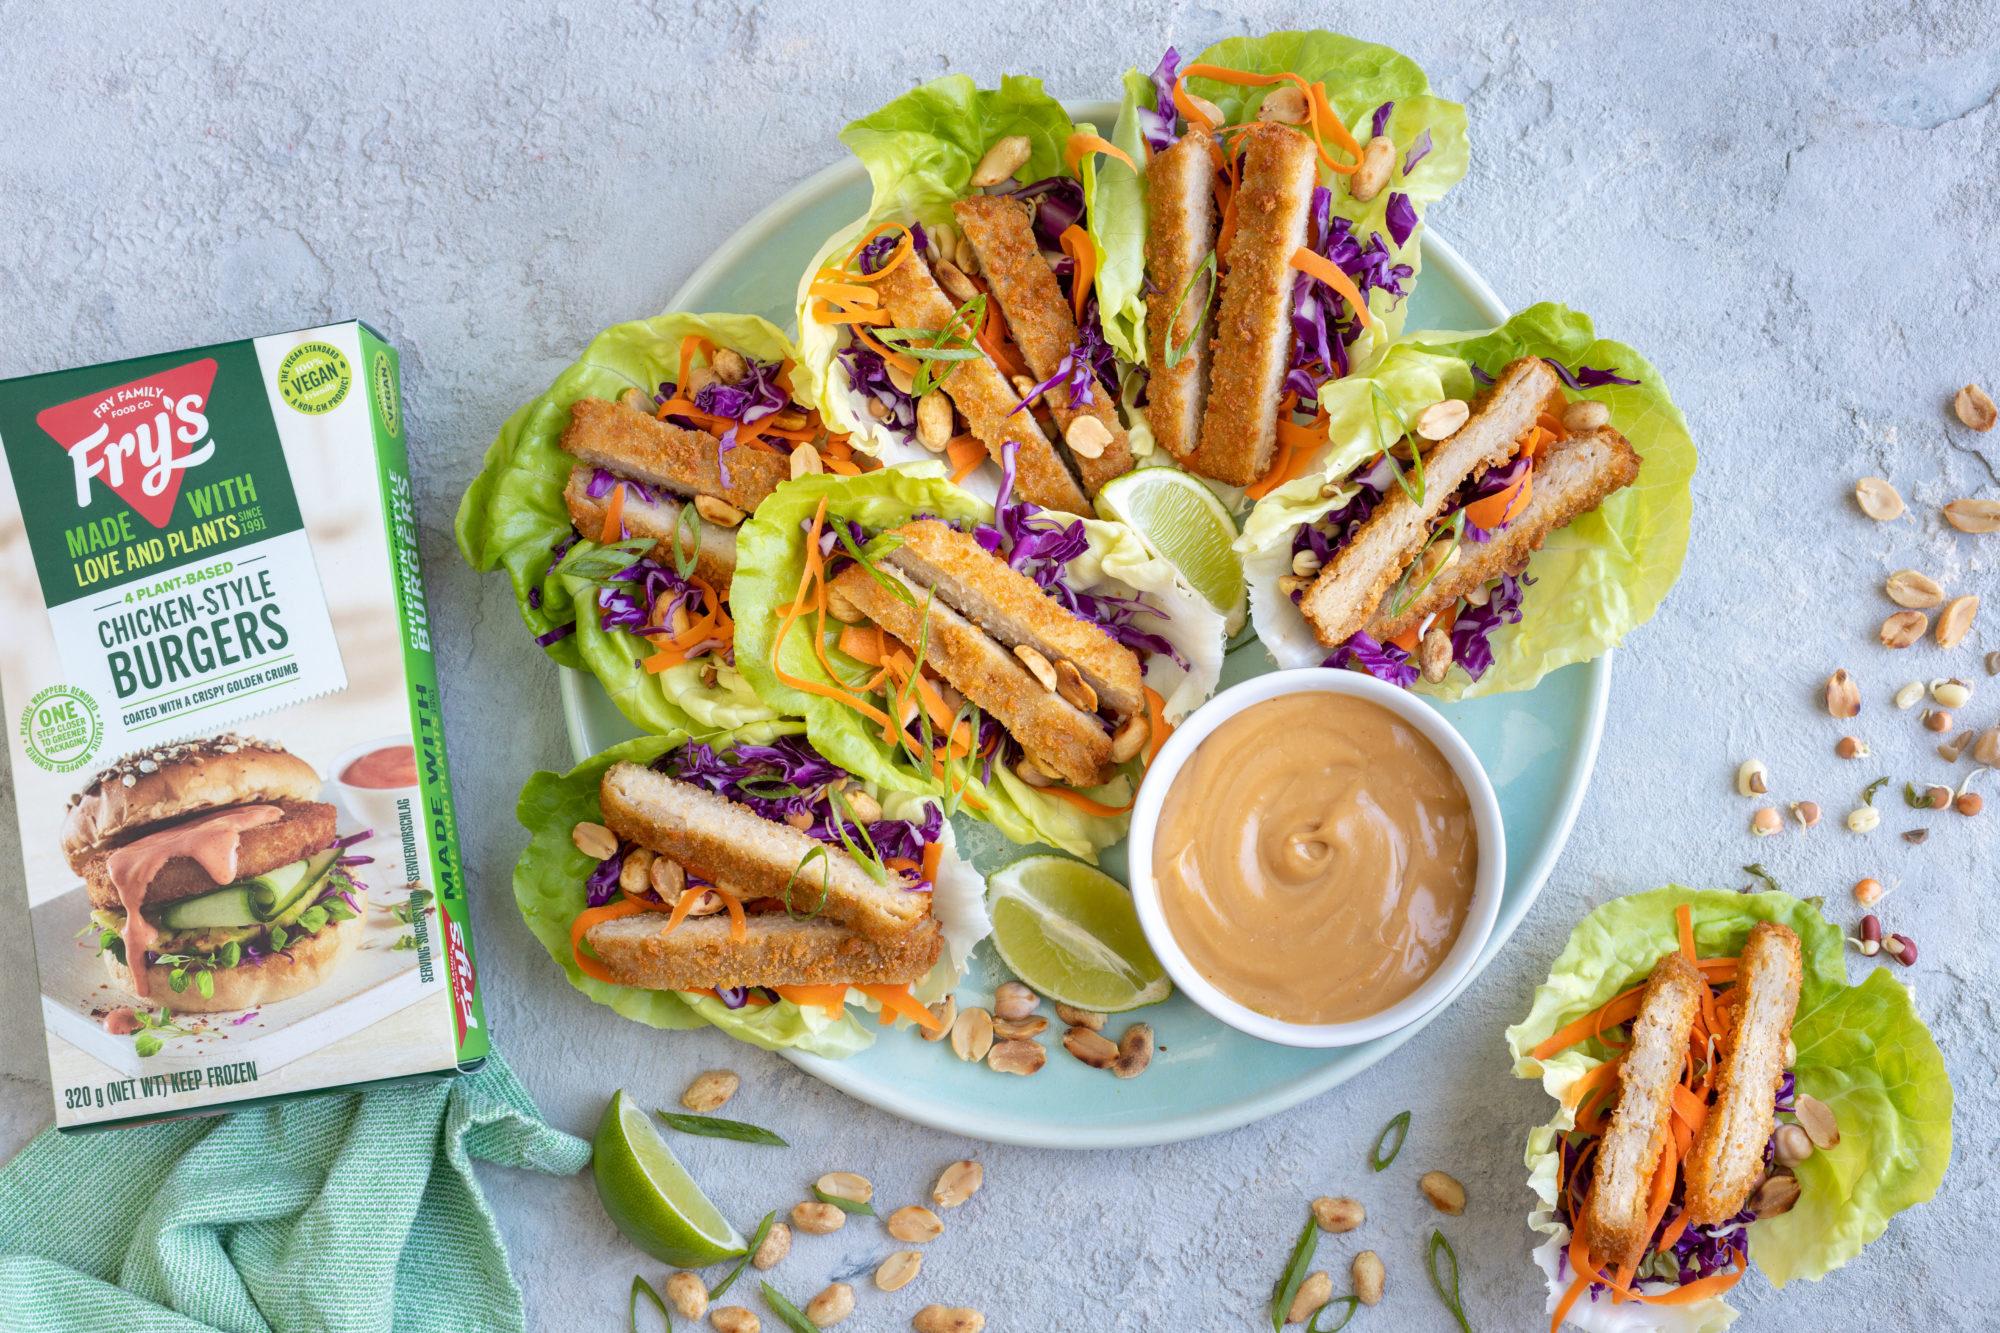 Frys_Chicken-Style_burgers in lettuce cups